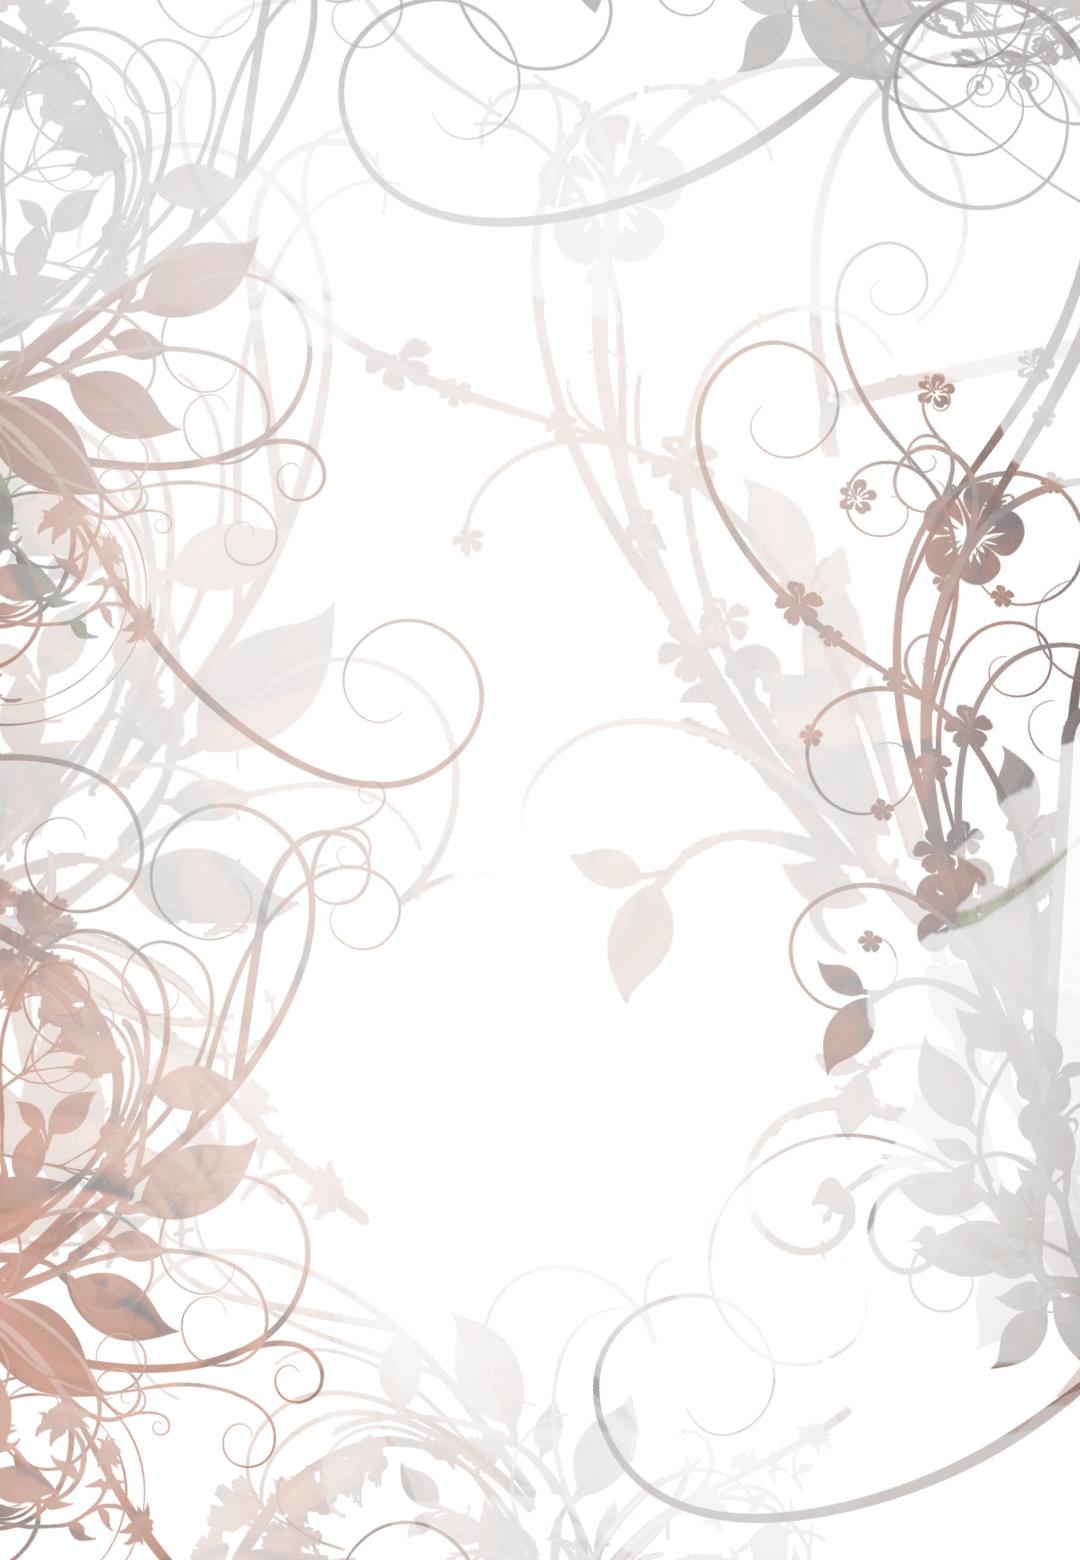 Floral Bridal Shower Free Printable Bridal Shower Invitation